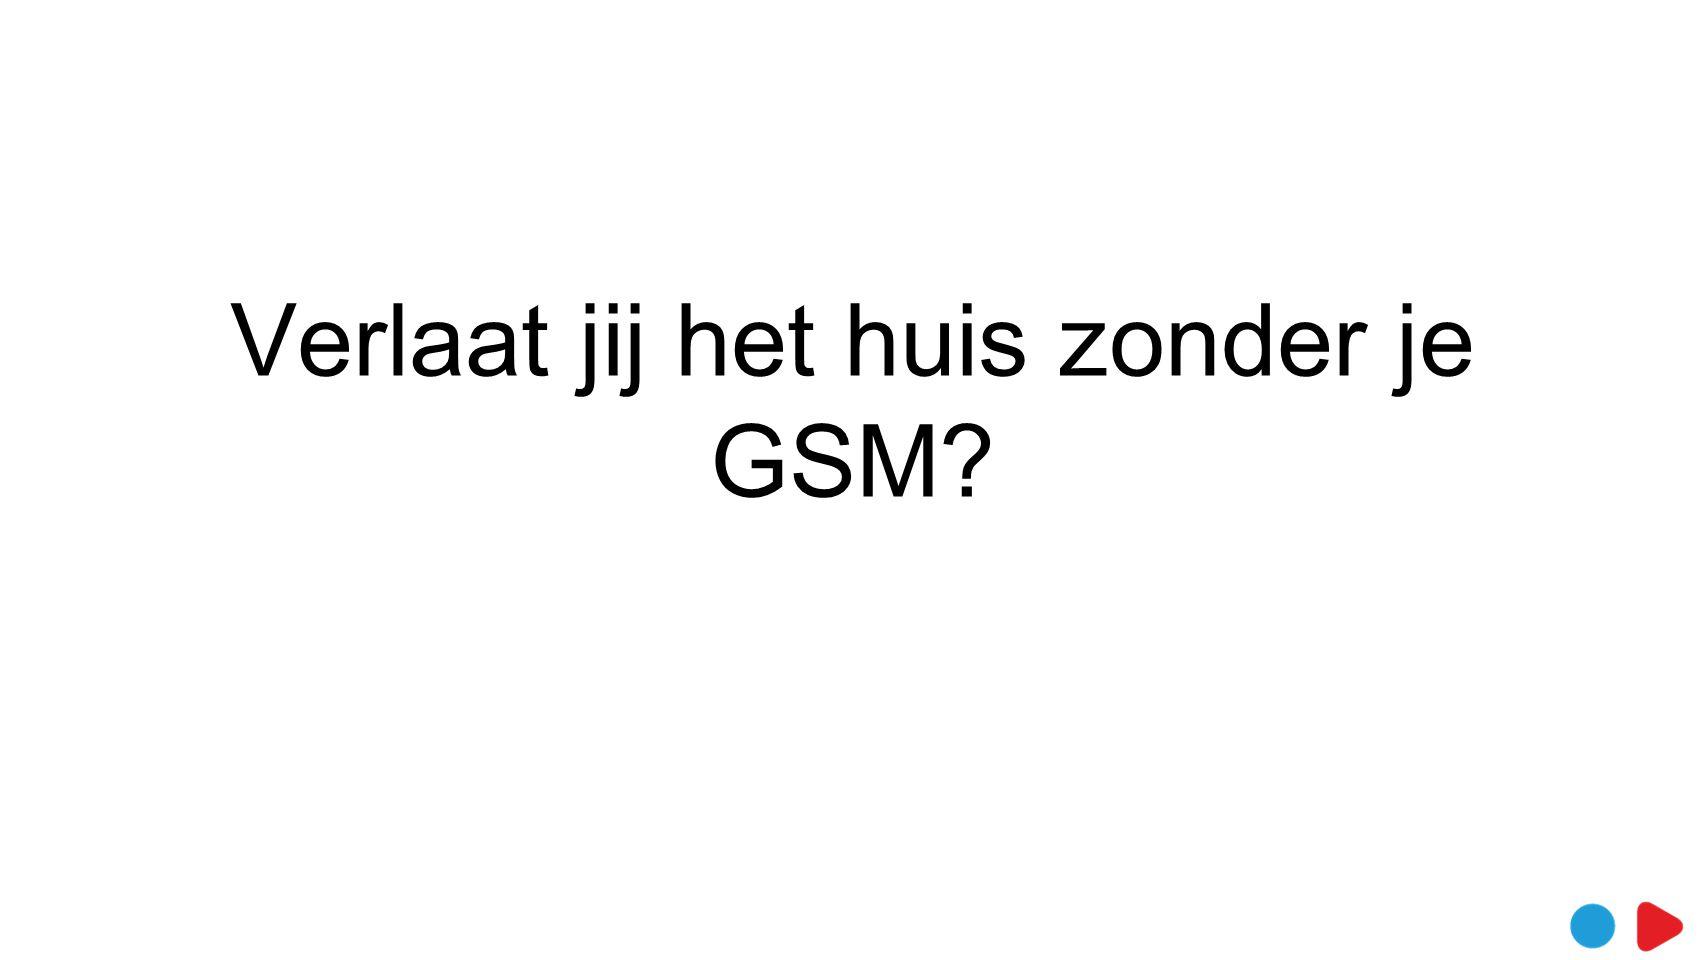 Verlaat jij het huis zonder je GSM?